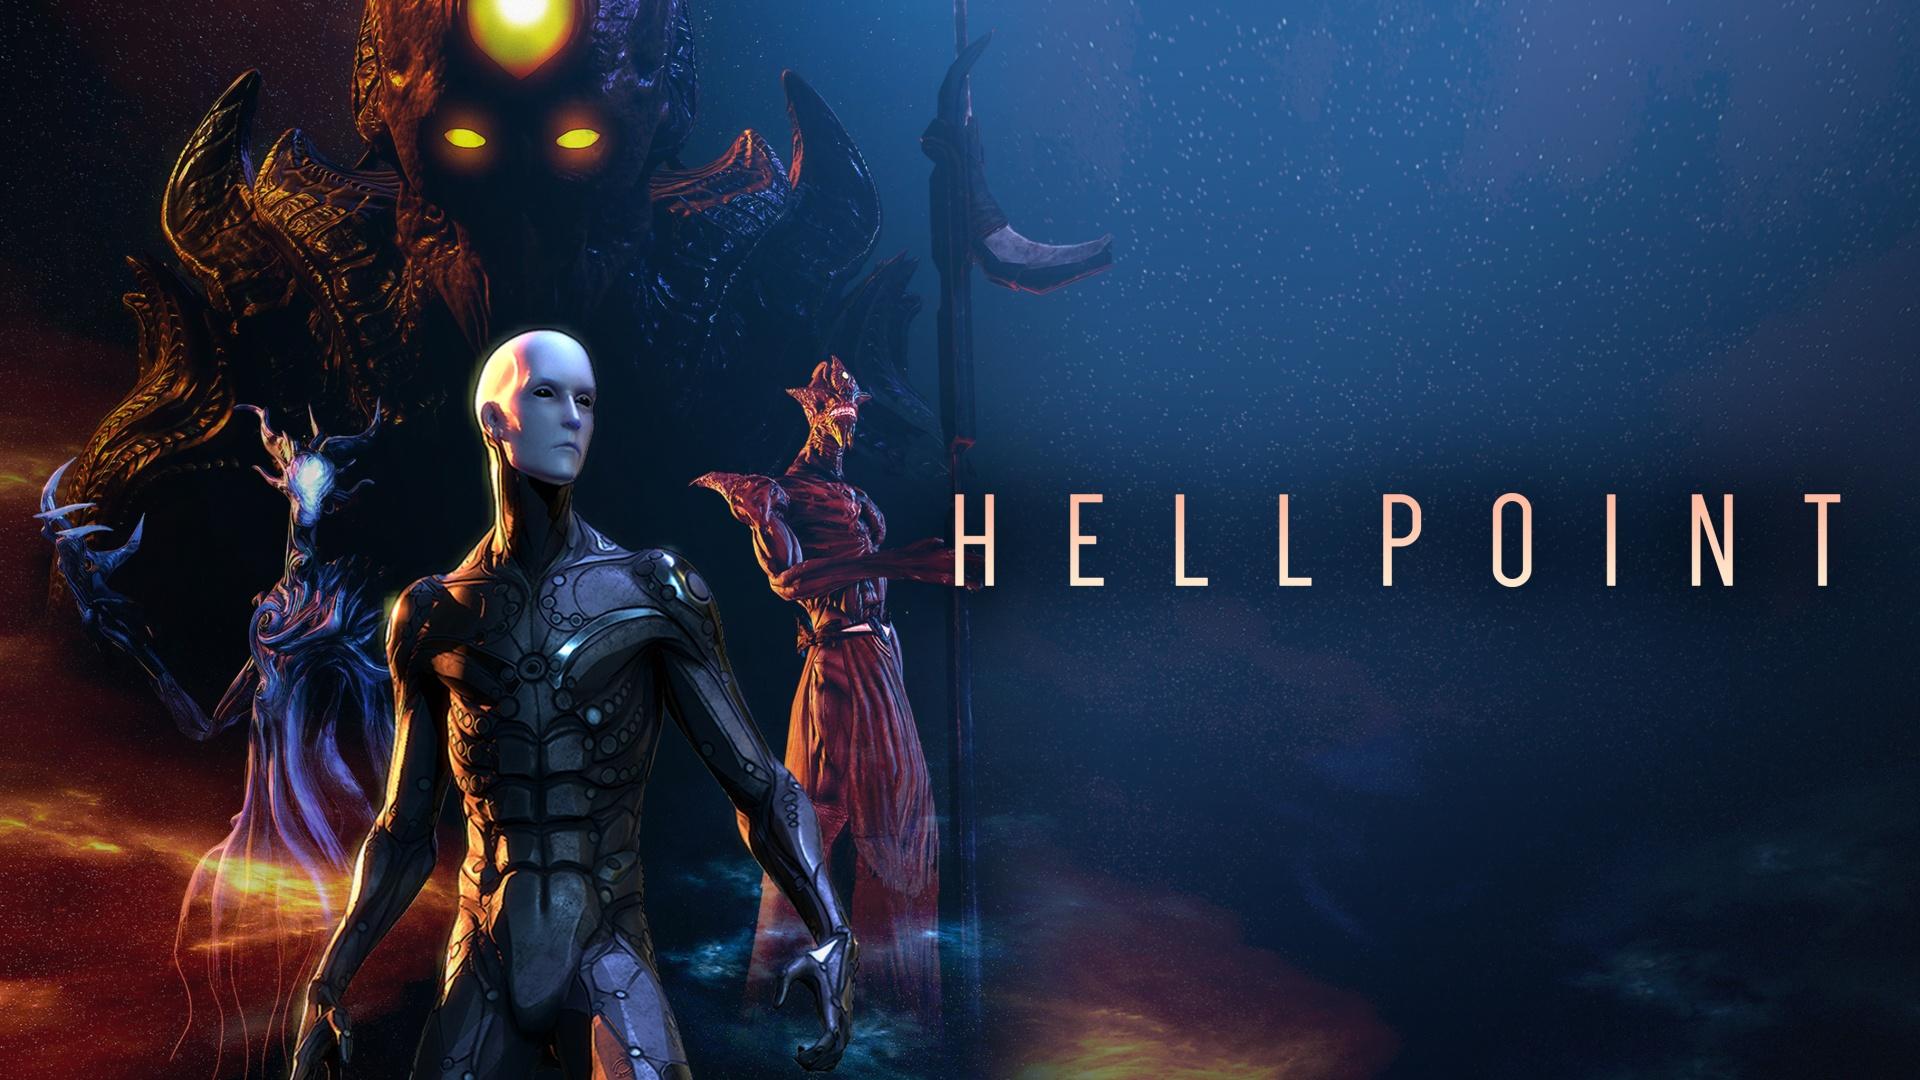 Hellpoint - обзоры и оценки игры, даты выхода DLC, трейлеры, описание